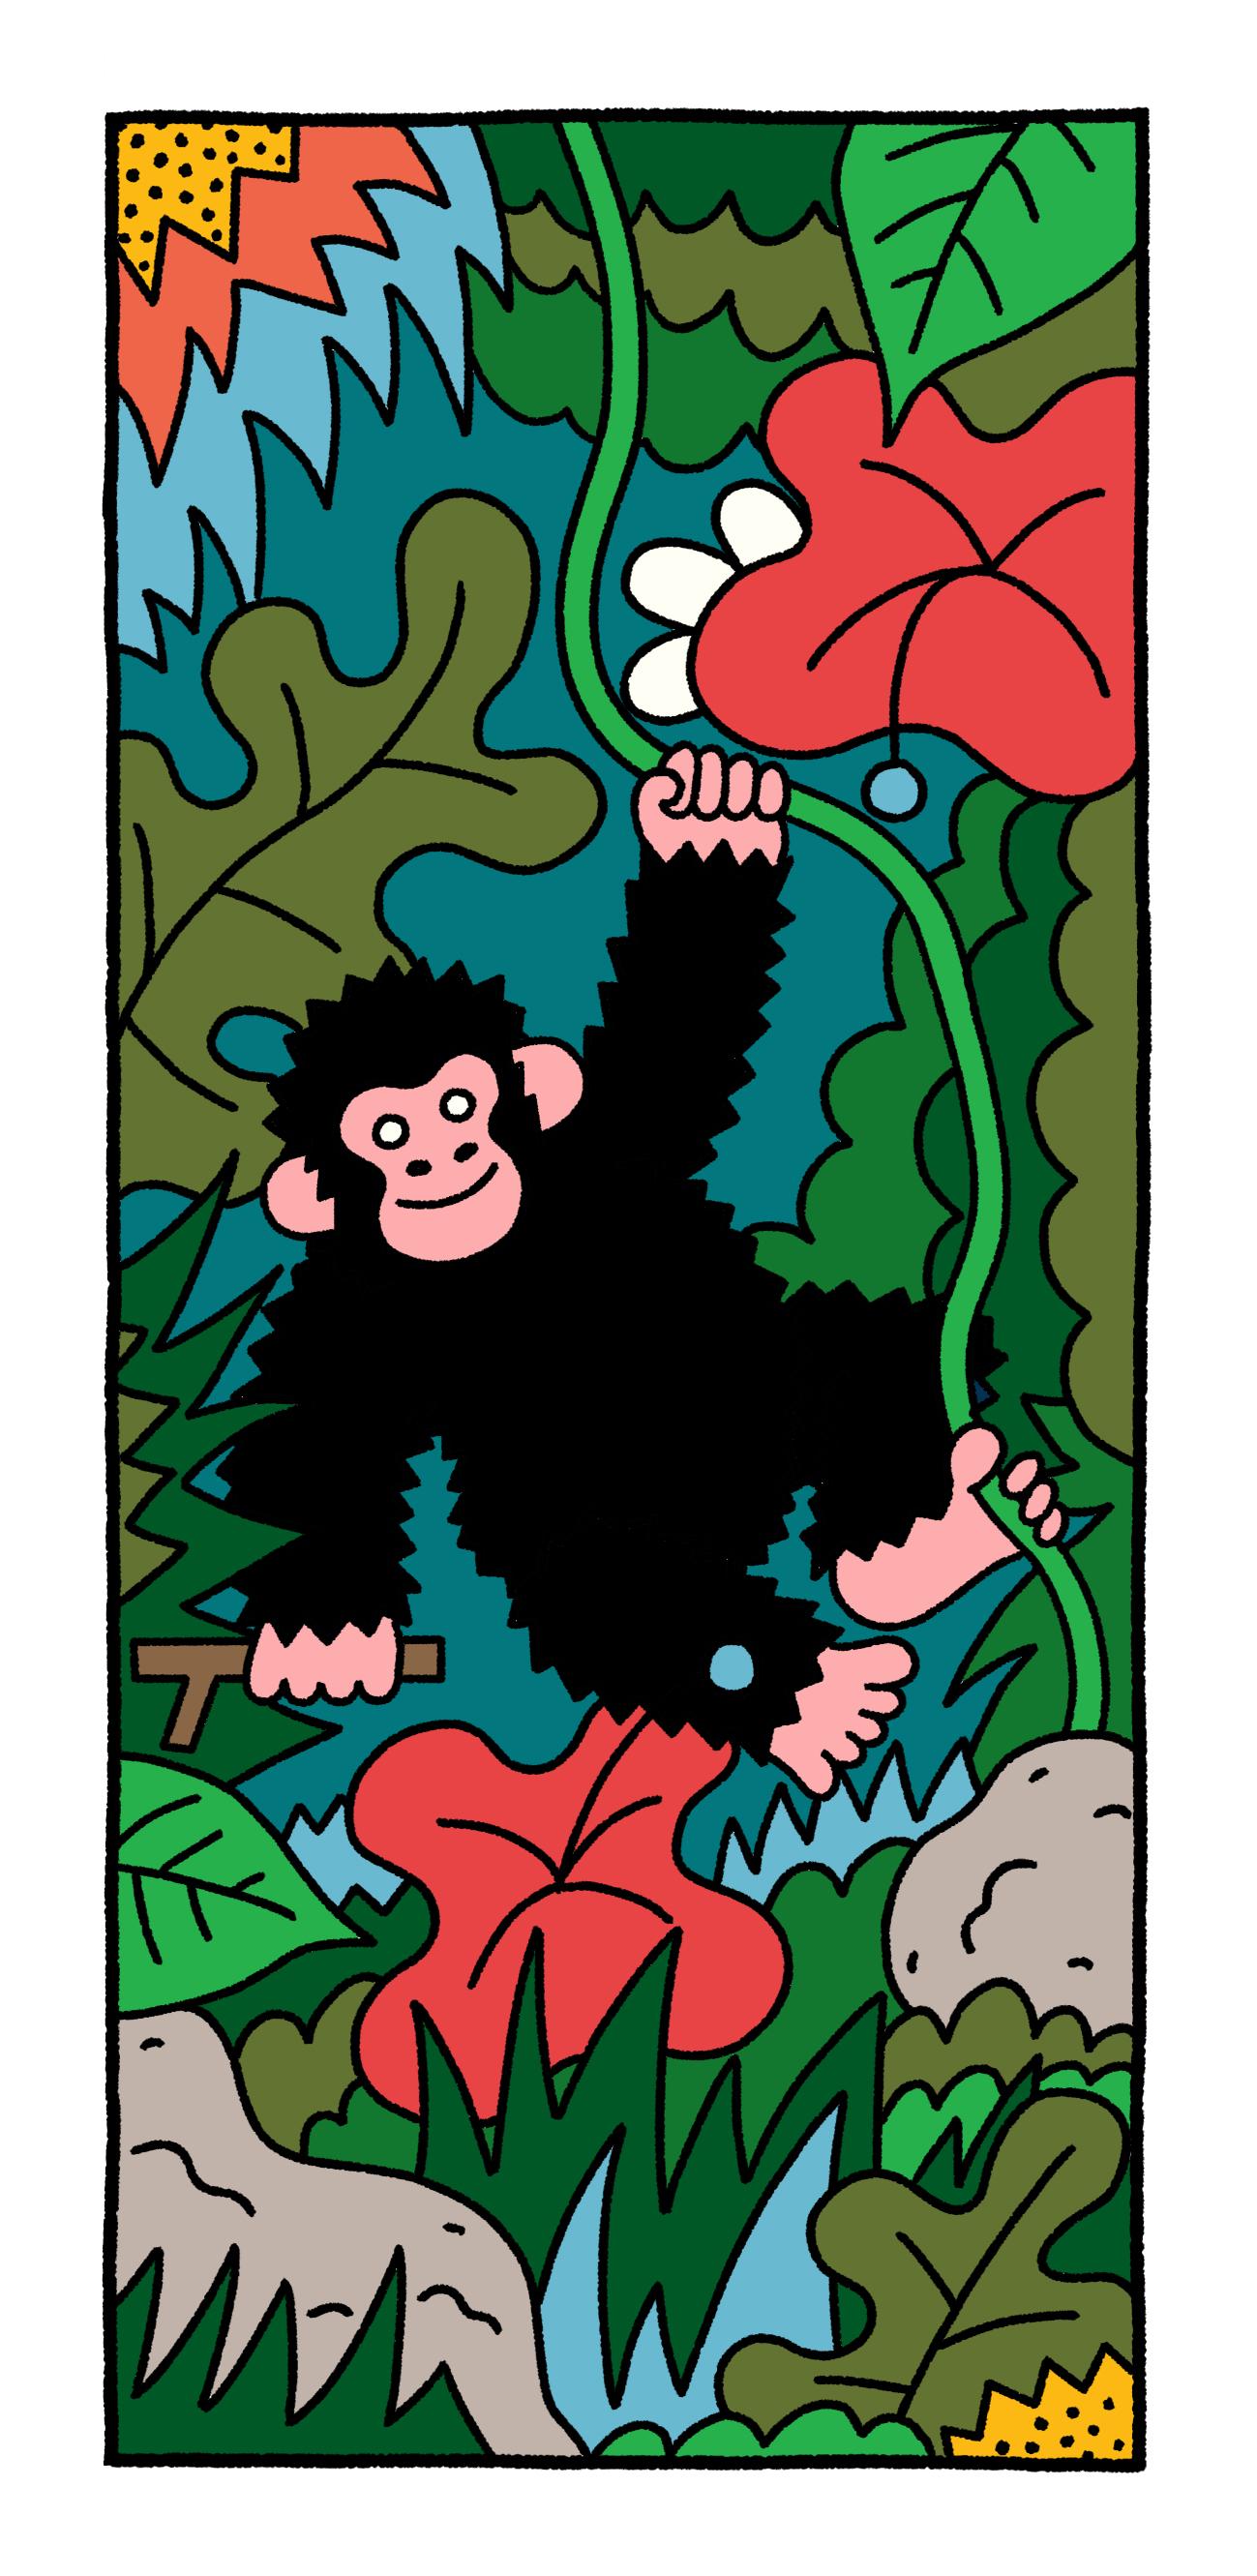 NGT gorilla final.jpg